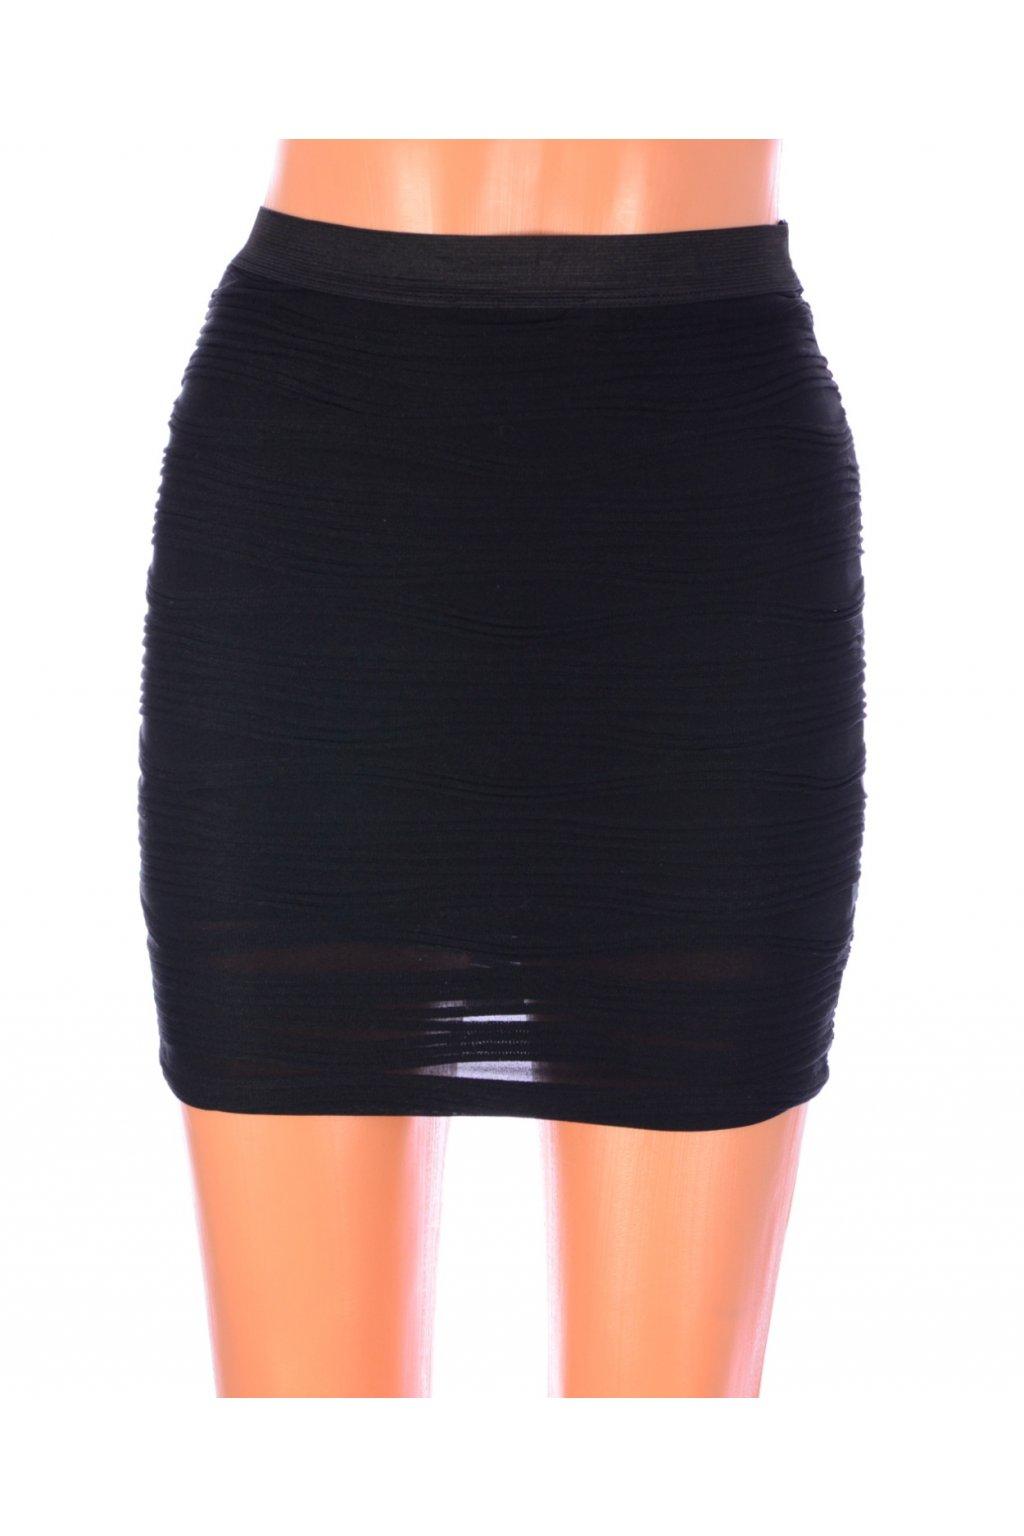 Sukně černá s plastickým vzorem Tally Weijl vel. 34 / XS